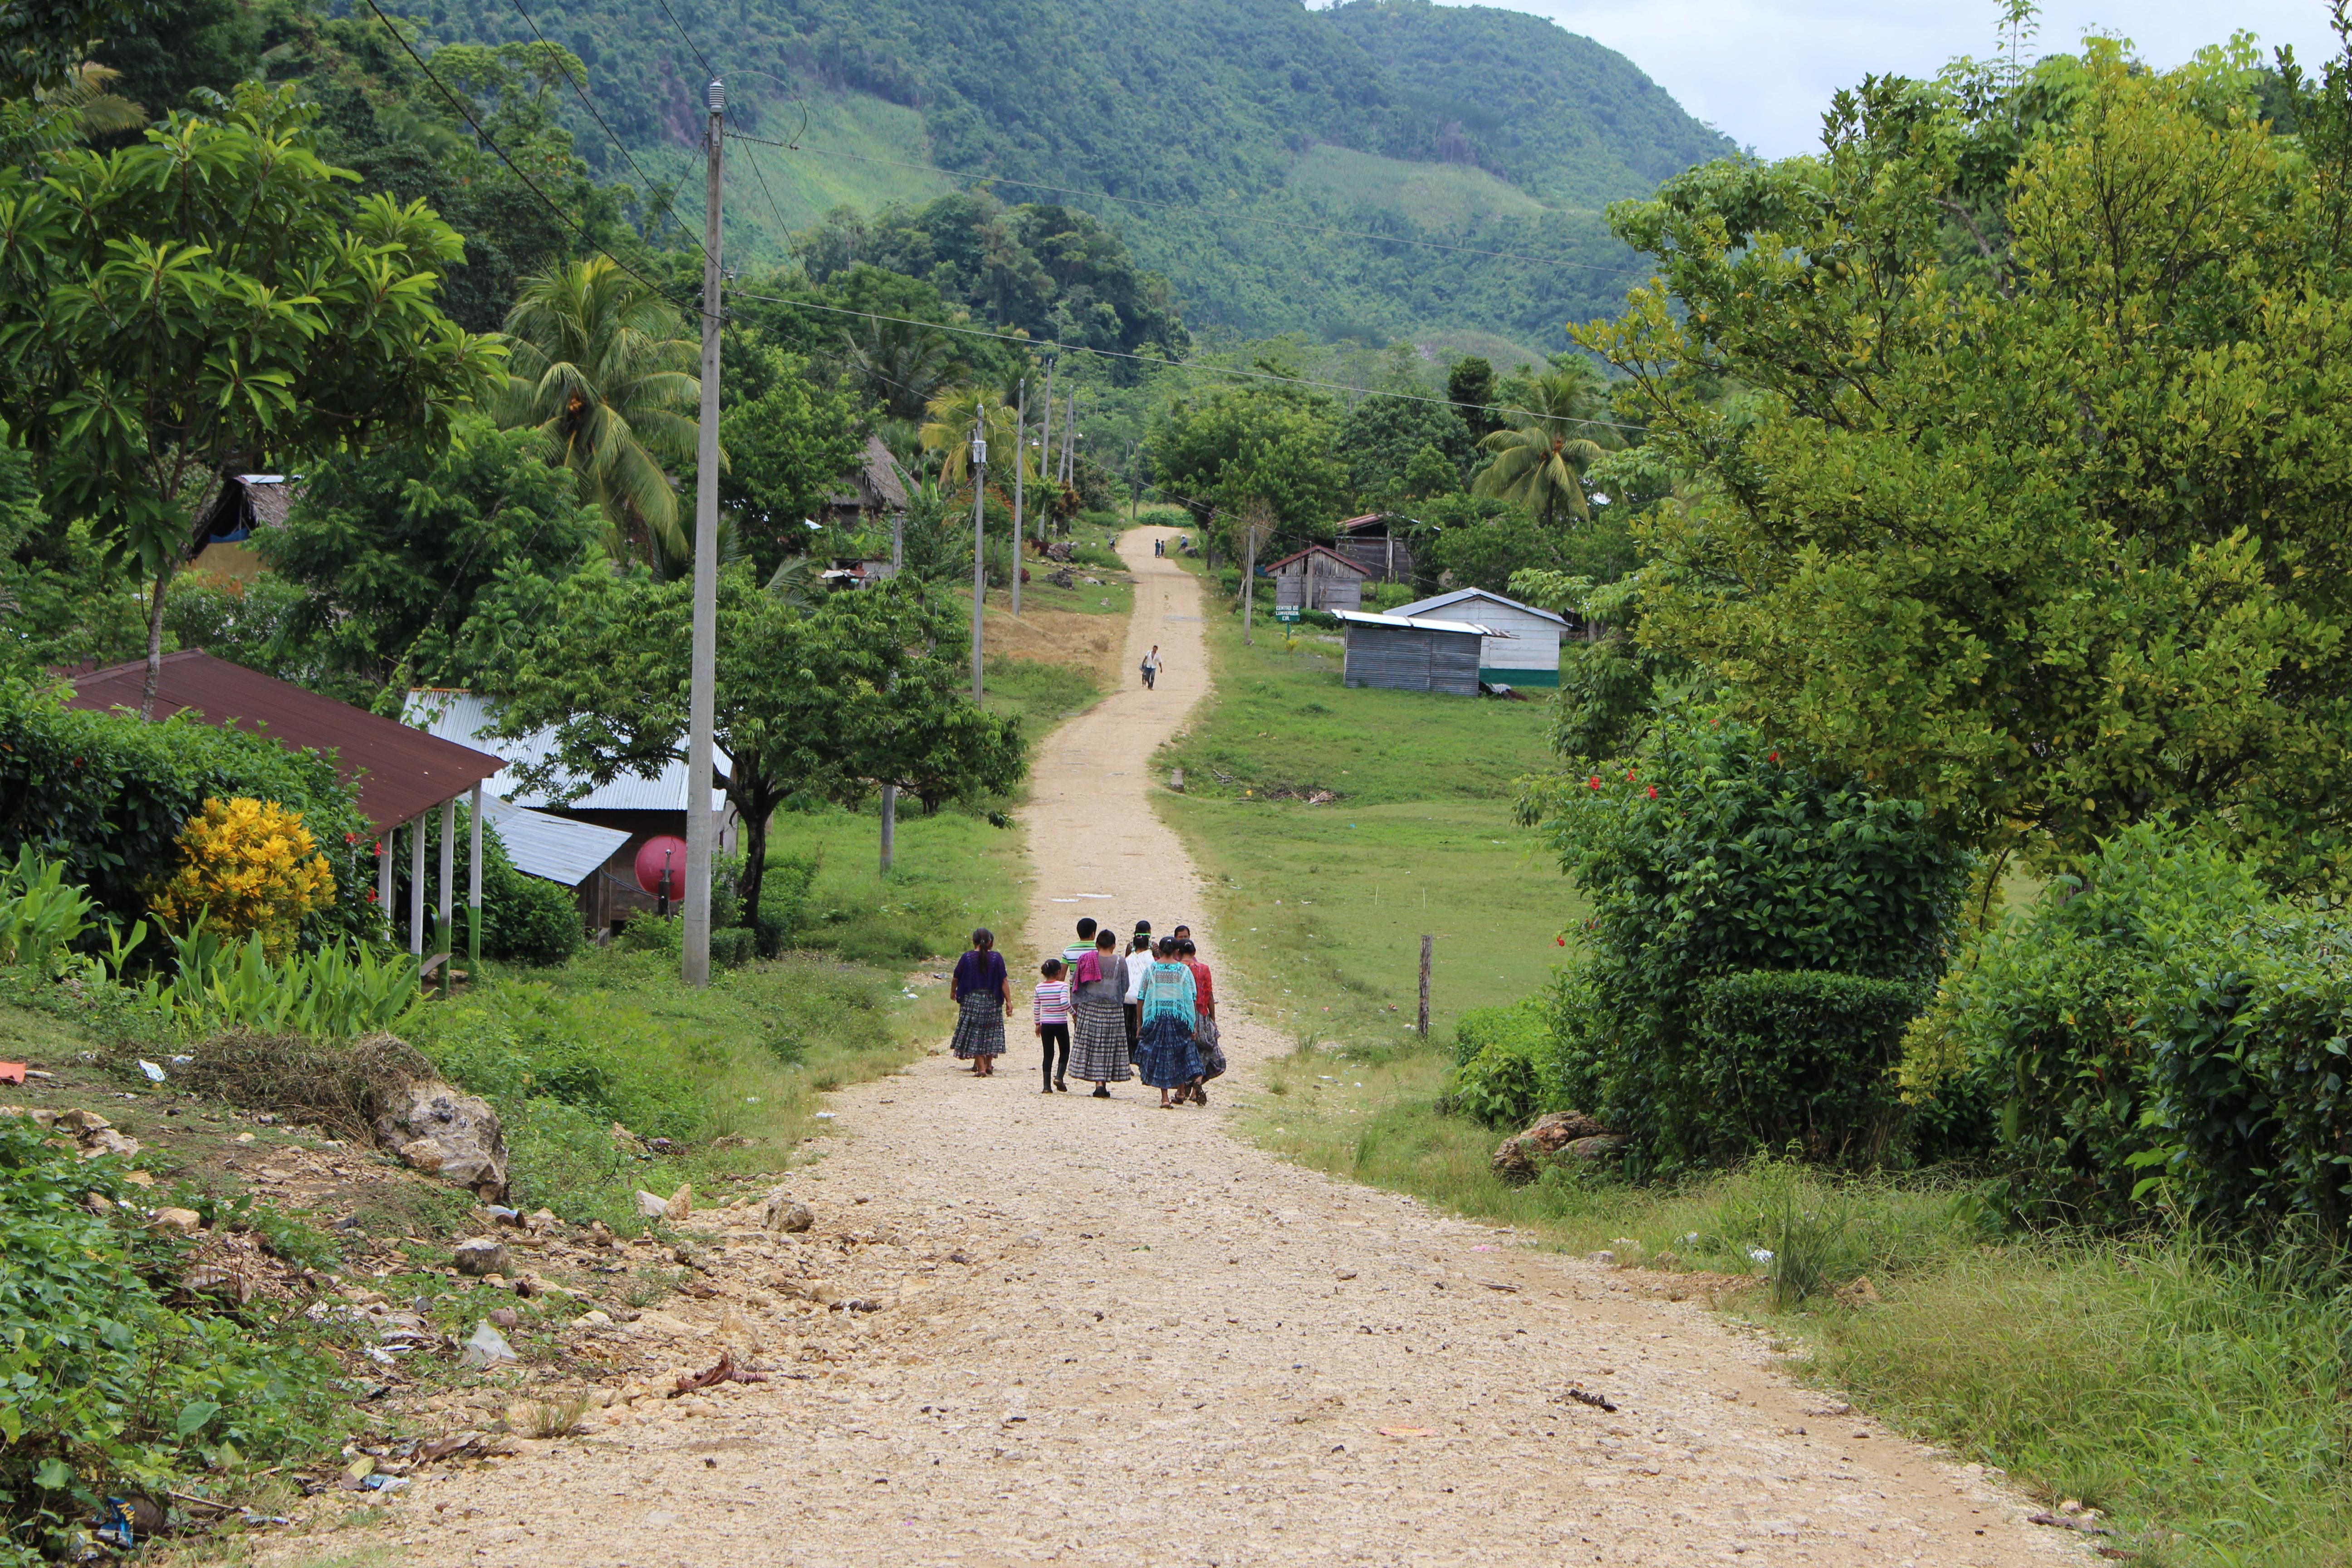 Santa Martan kyläranttia. Oikealla edessä näkyy koulutusrakennus.